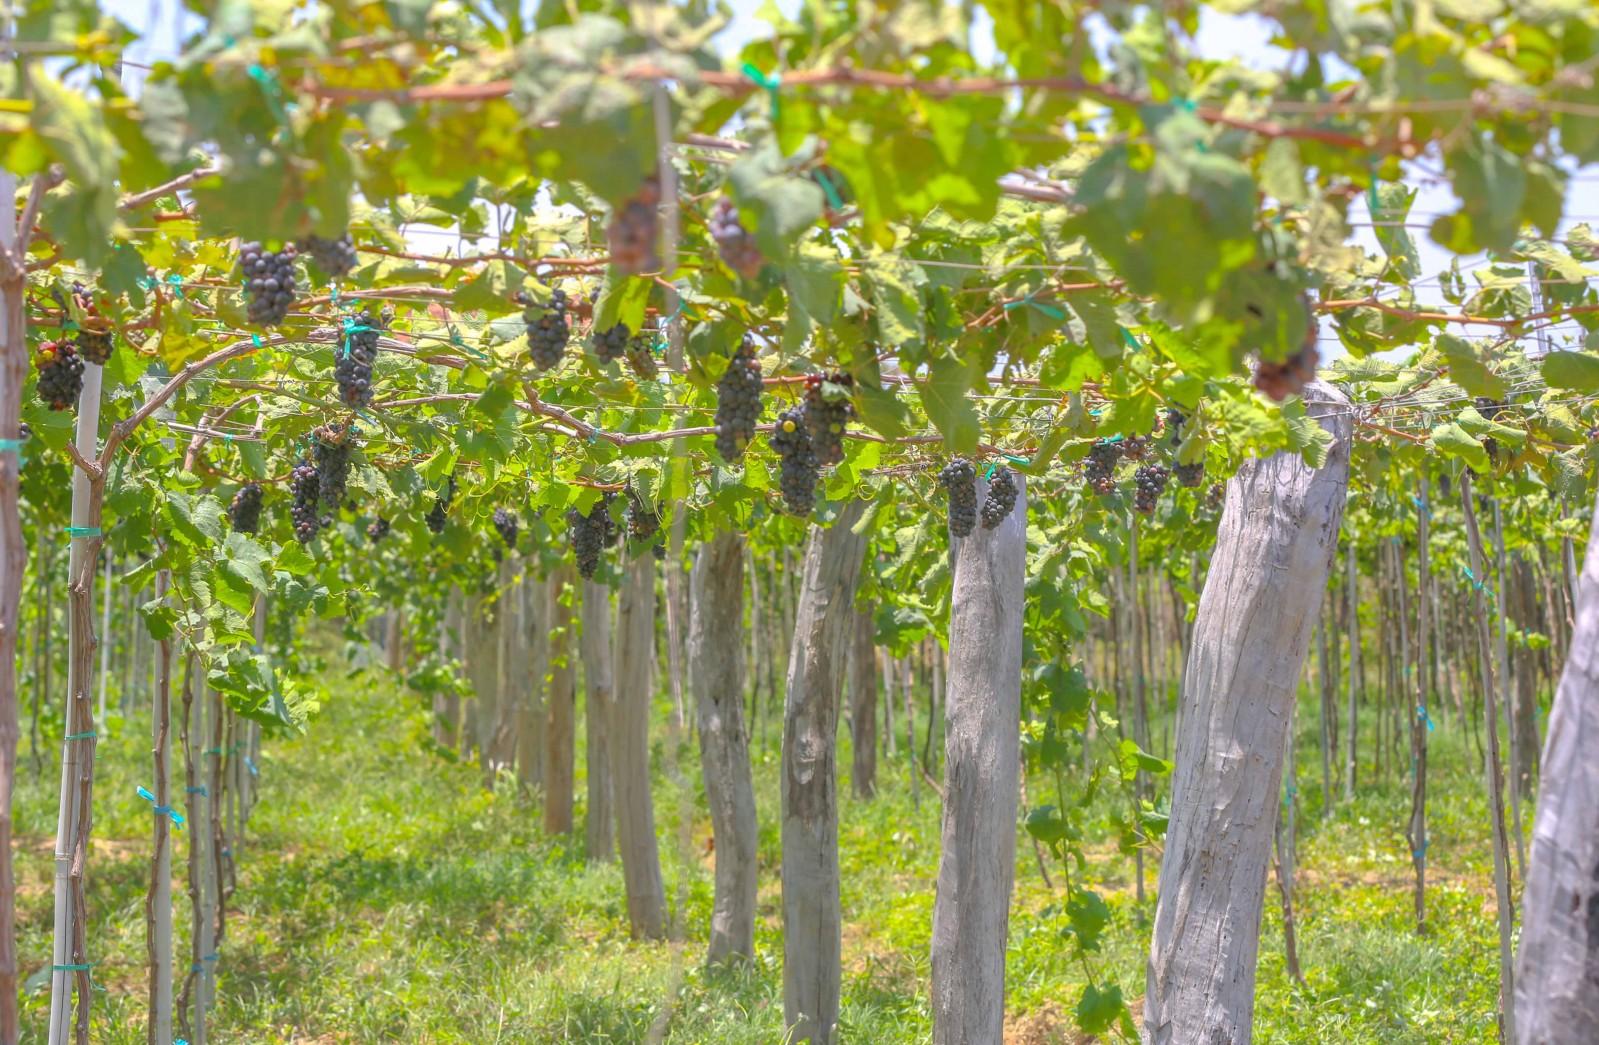 Để có nguyên liệu làm ra thứ rượu vang mang thương hiệu gia đình, trong diện tích trồng 1,5 ha nho, ngoài 1 ha nho trồng ăn tươi, trang trại nho Ba Mọi dành 0,5 ha trồng nho rượu gồm các giống: Syrah (nho rượu đỏ), giống Cabernet Sauvignon (nho rượu trắng) và Sauvignon Blanc (nho rượu trắng).